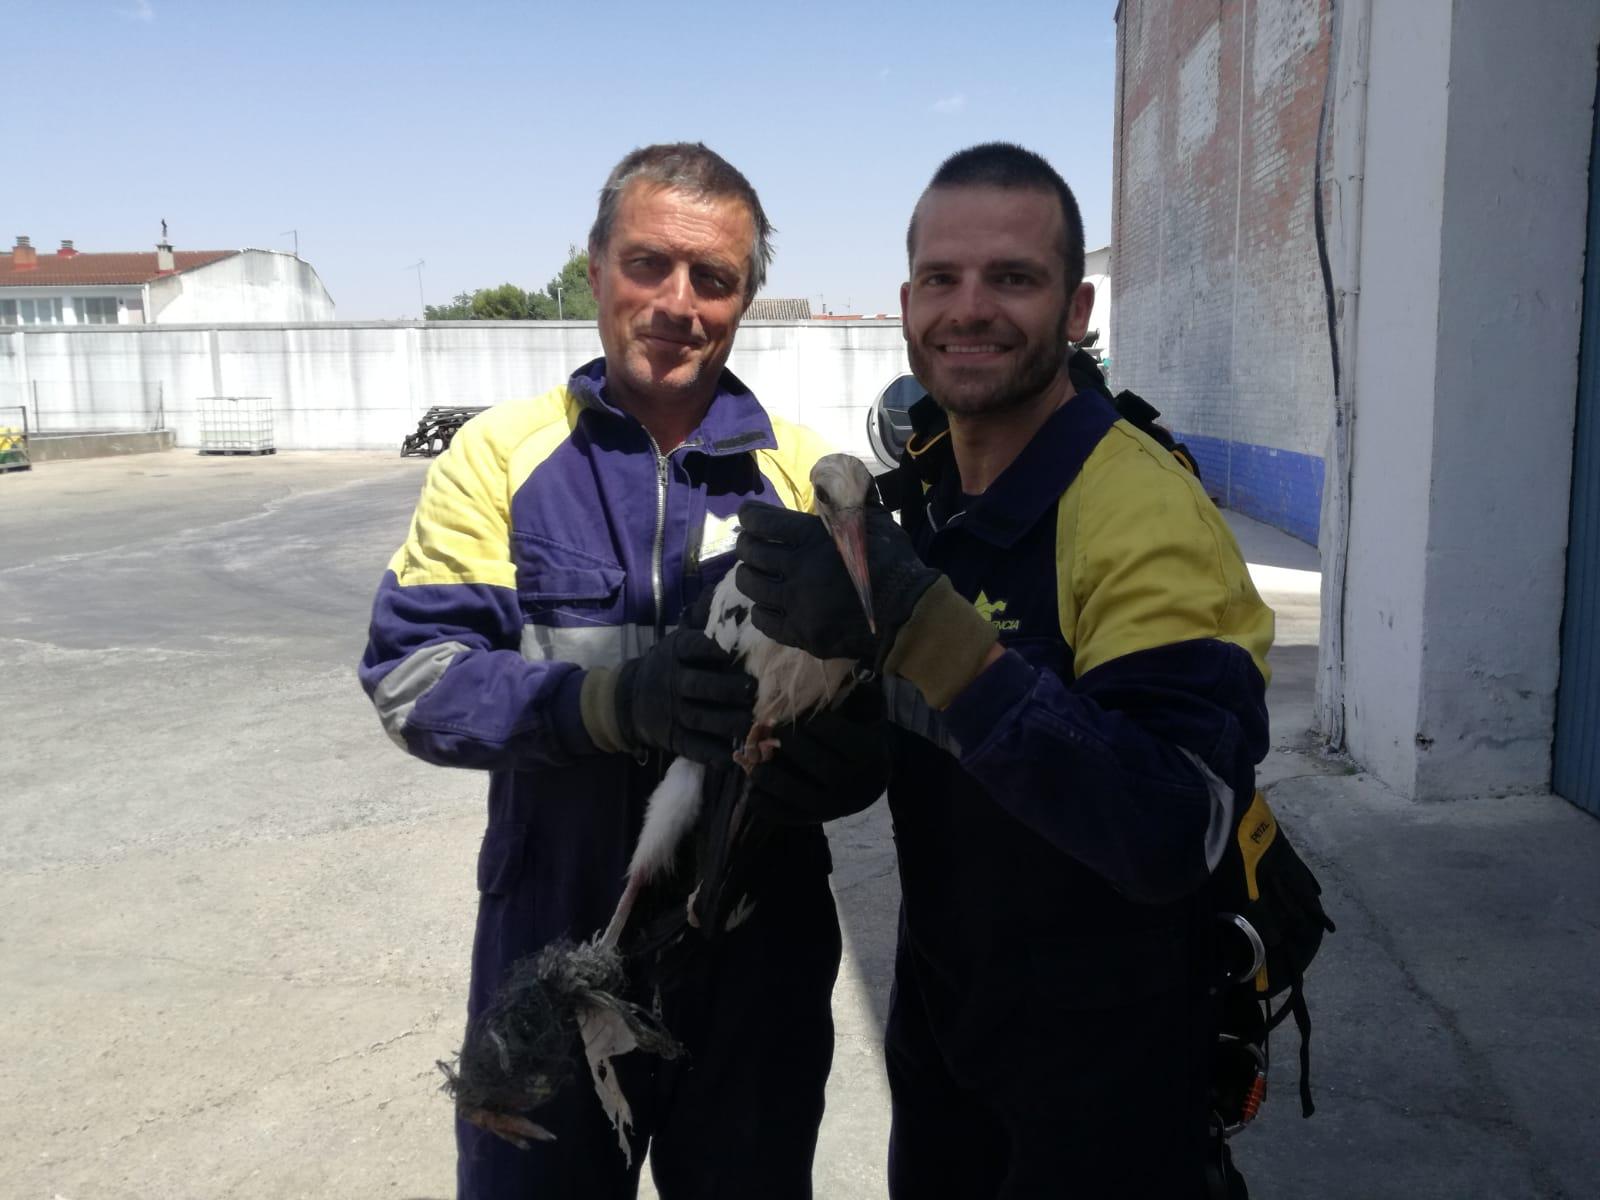 rescate cigüeña - Los bomberos rescatan una cigüeña en Herencia que finalmente no logró sobrevivir a sus heridas